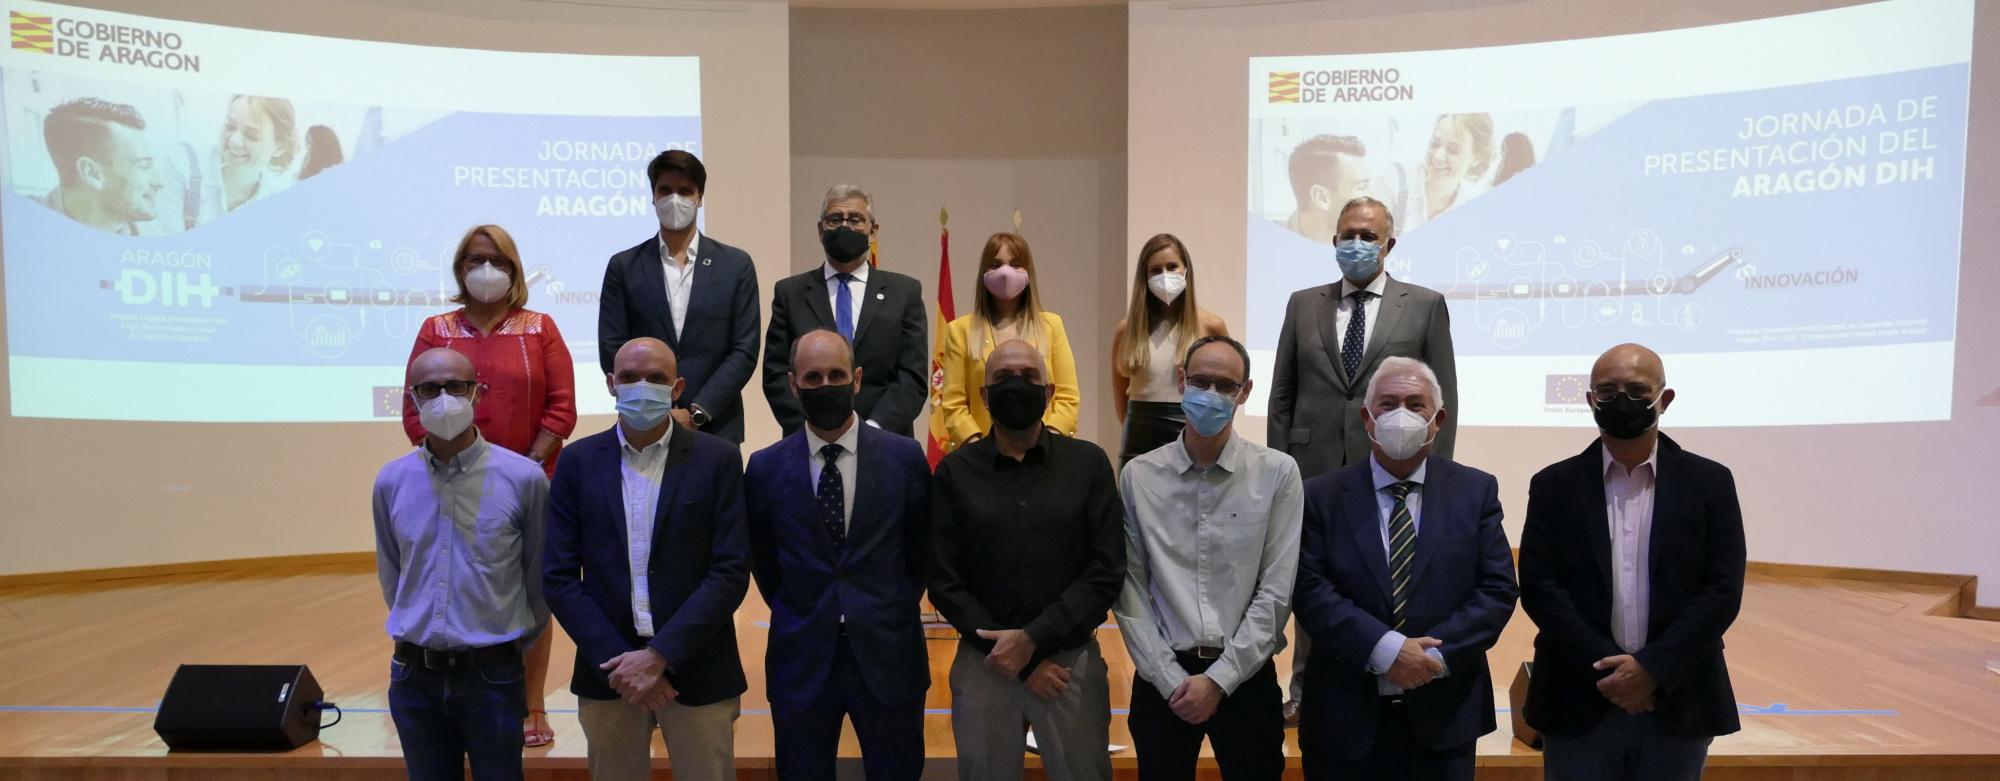 El nuevo Aragón DIH, fomentando la digitalización de la industria